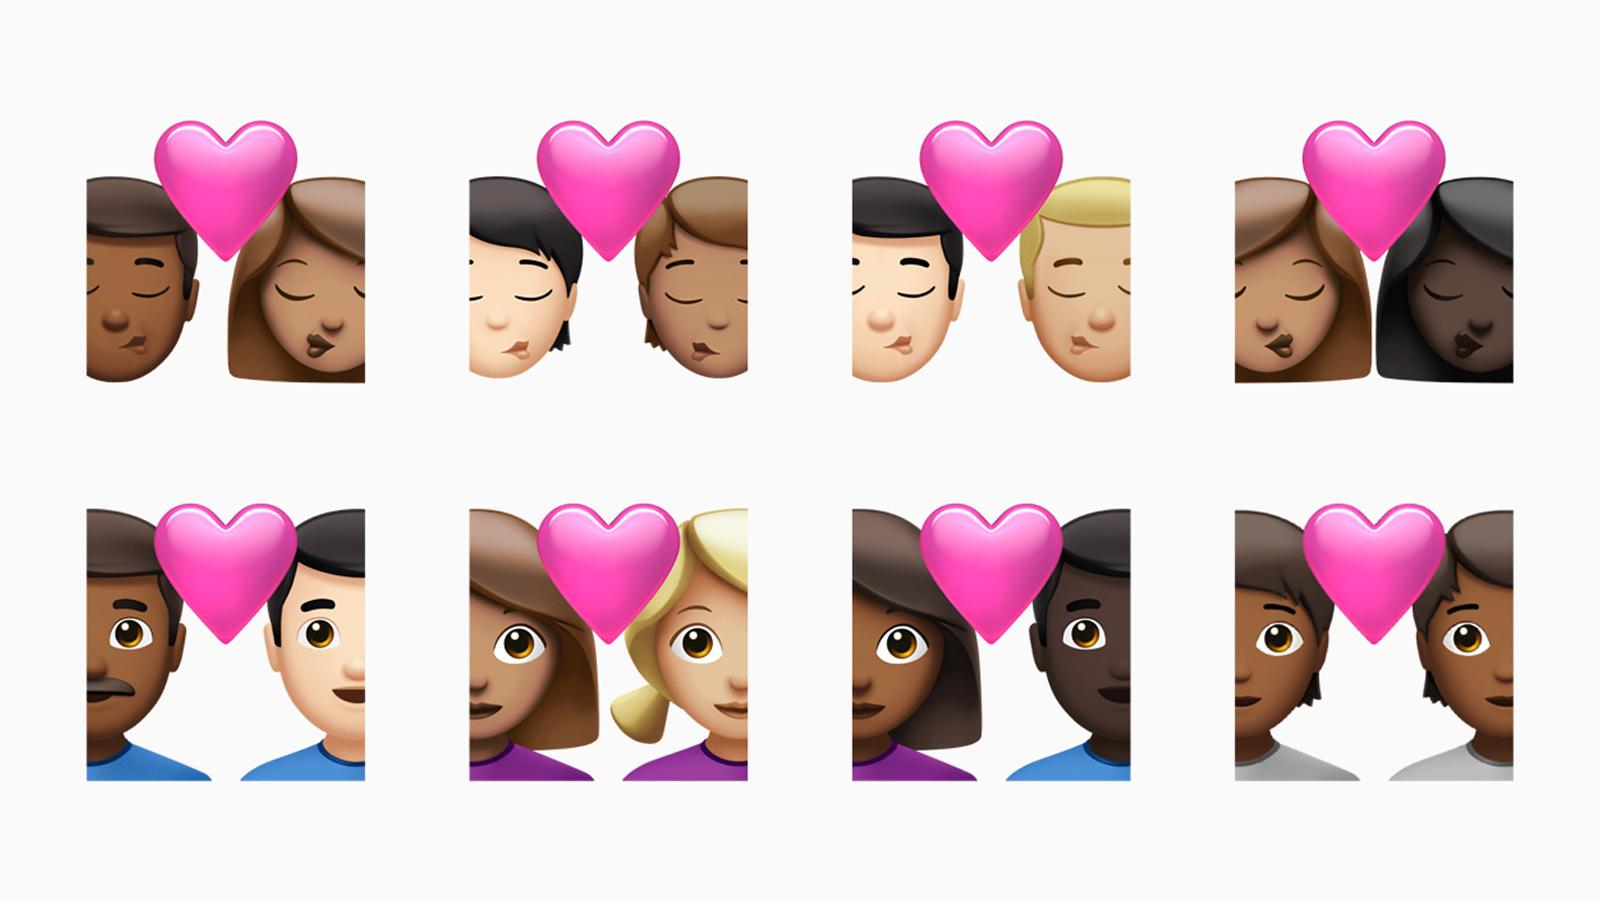 دعم الرموز التعبيرية الجديدة لألوان البشرة المختلفة